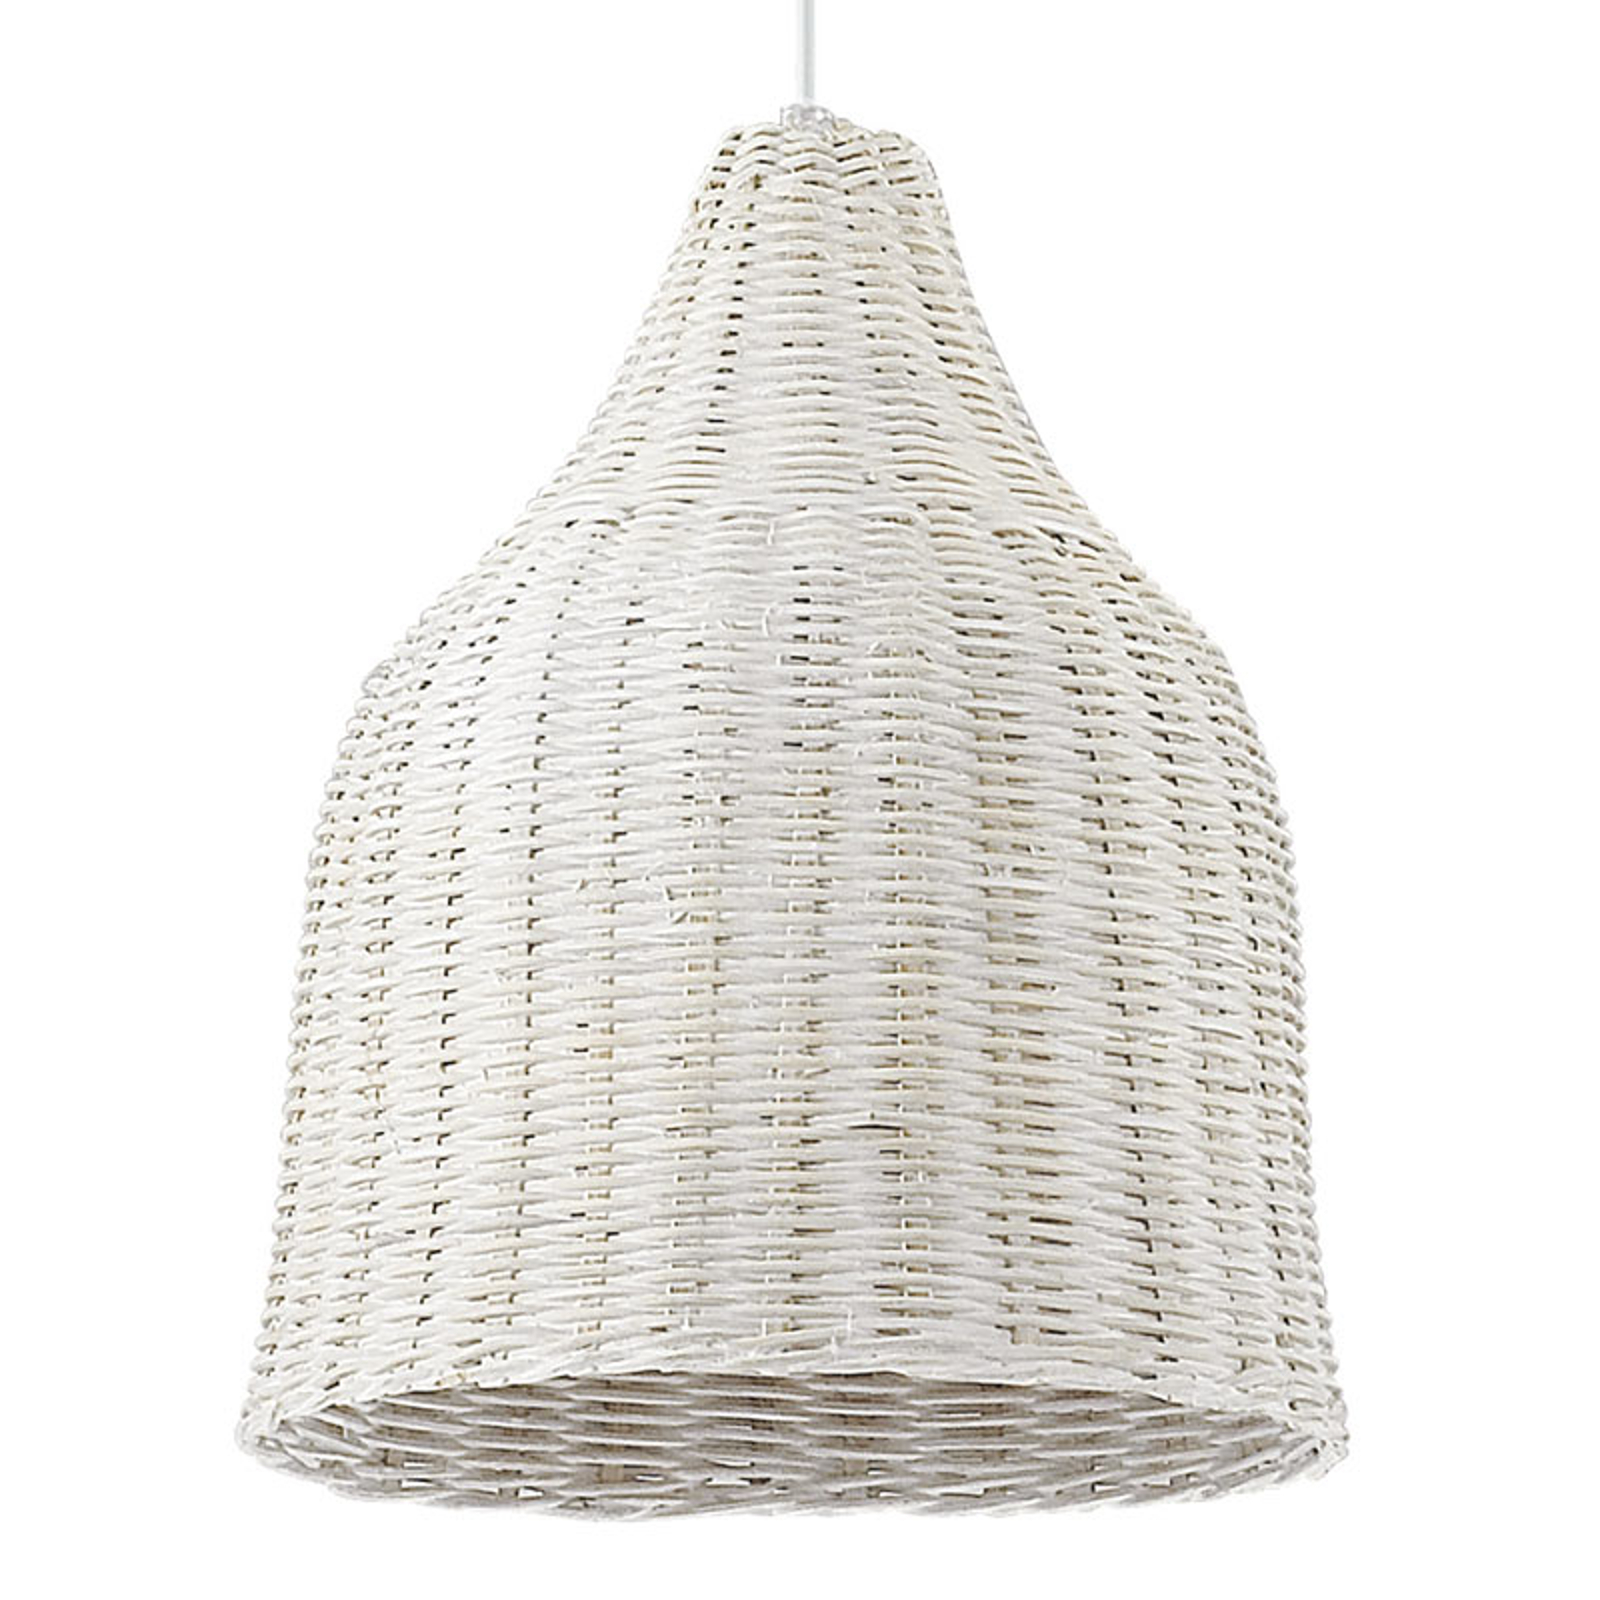 Korf-hanglamp Haunt, wit